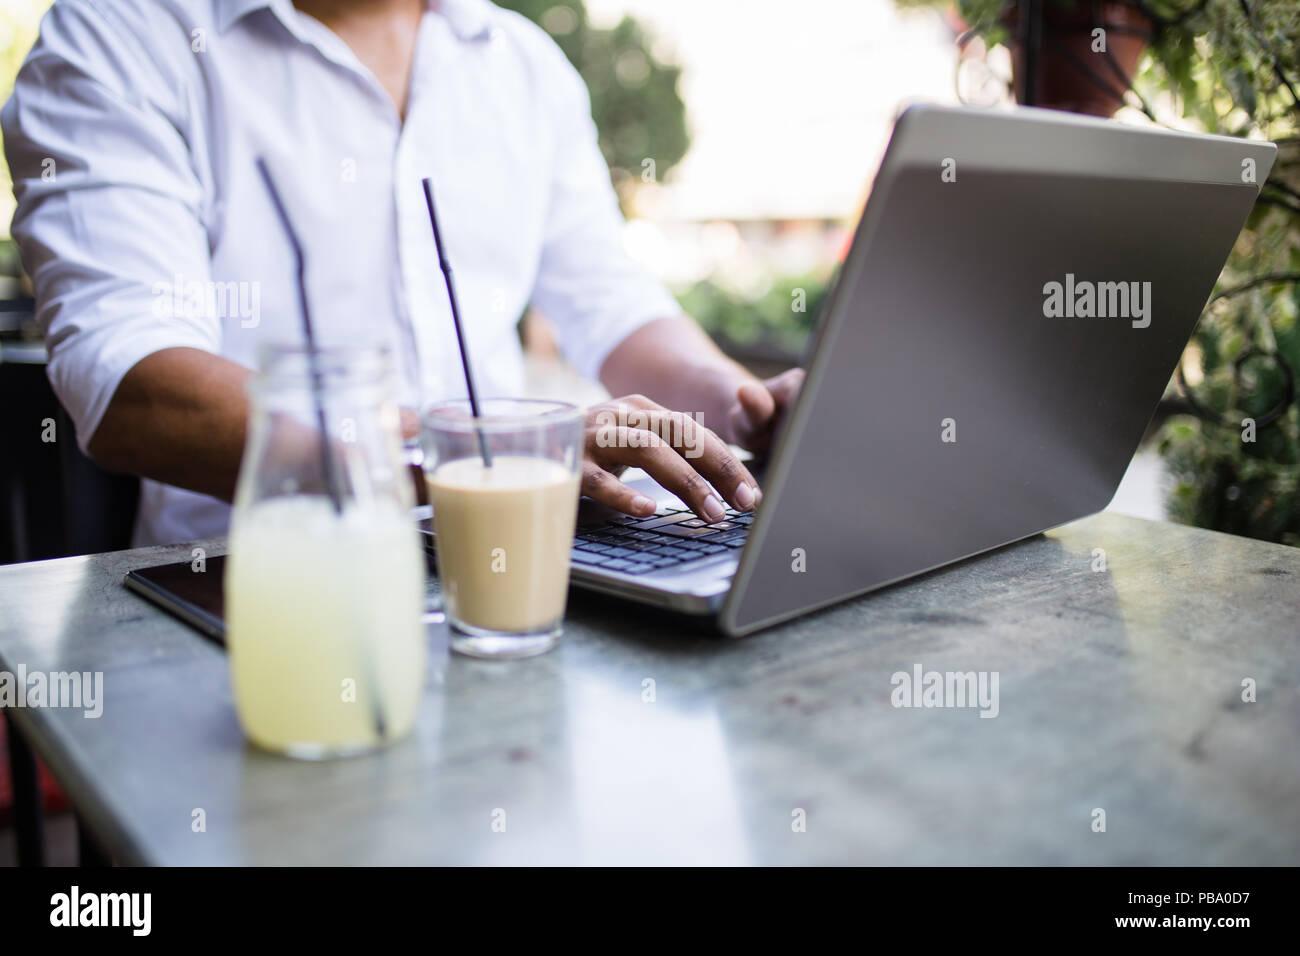 Les jeunes afro-américains attractive businessman sitting in cafe bar, boire du café et avoir fait quelques travaux sur ordinateur portable. Photo Stock